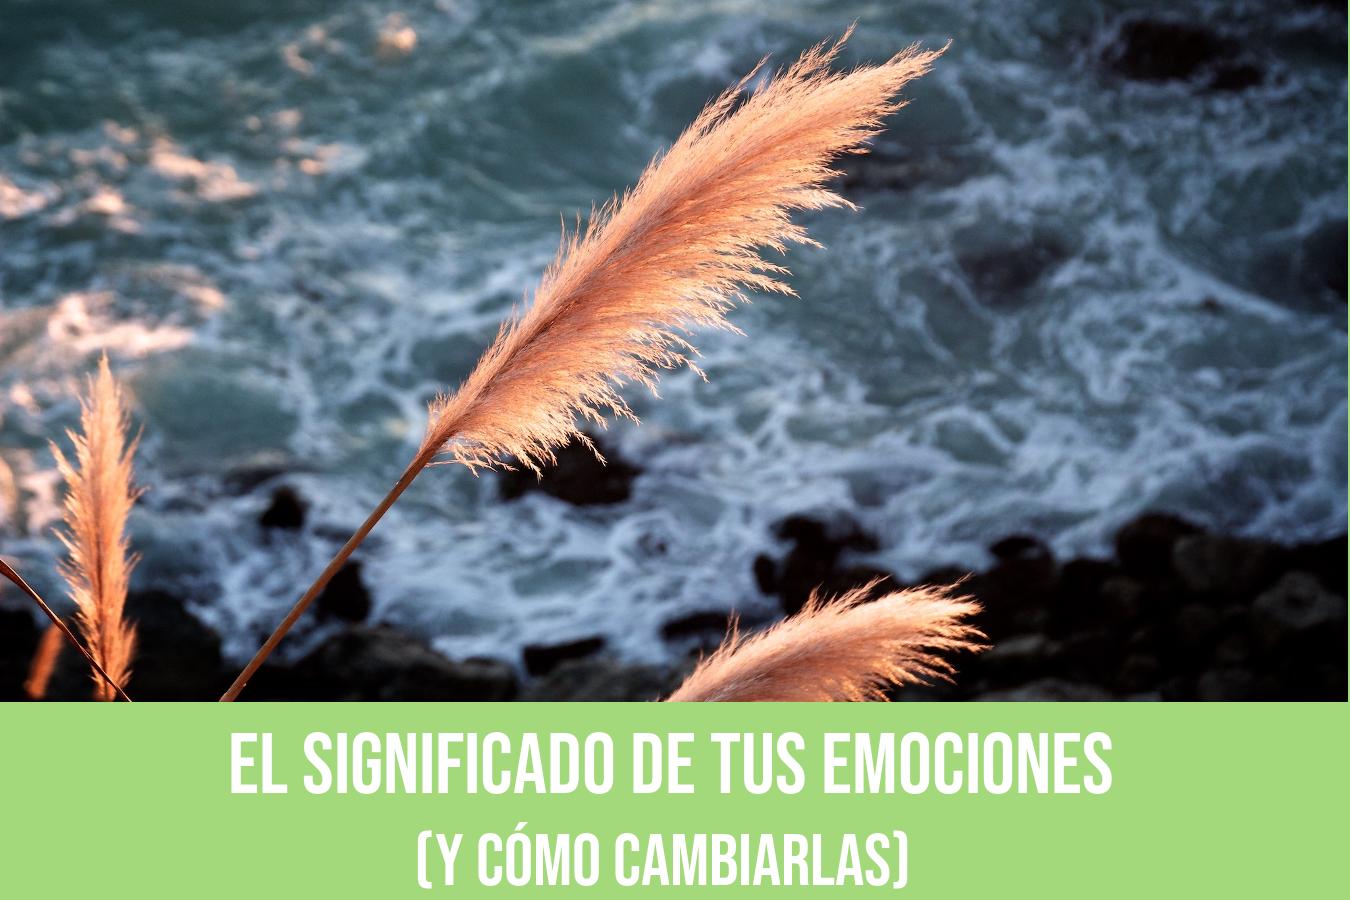 EL SIGNIFICADO DE LAS EMOCIONES (y cómo tenerlas a tu favor)